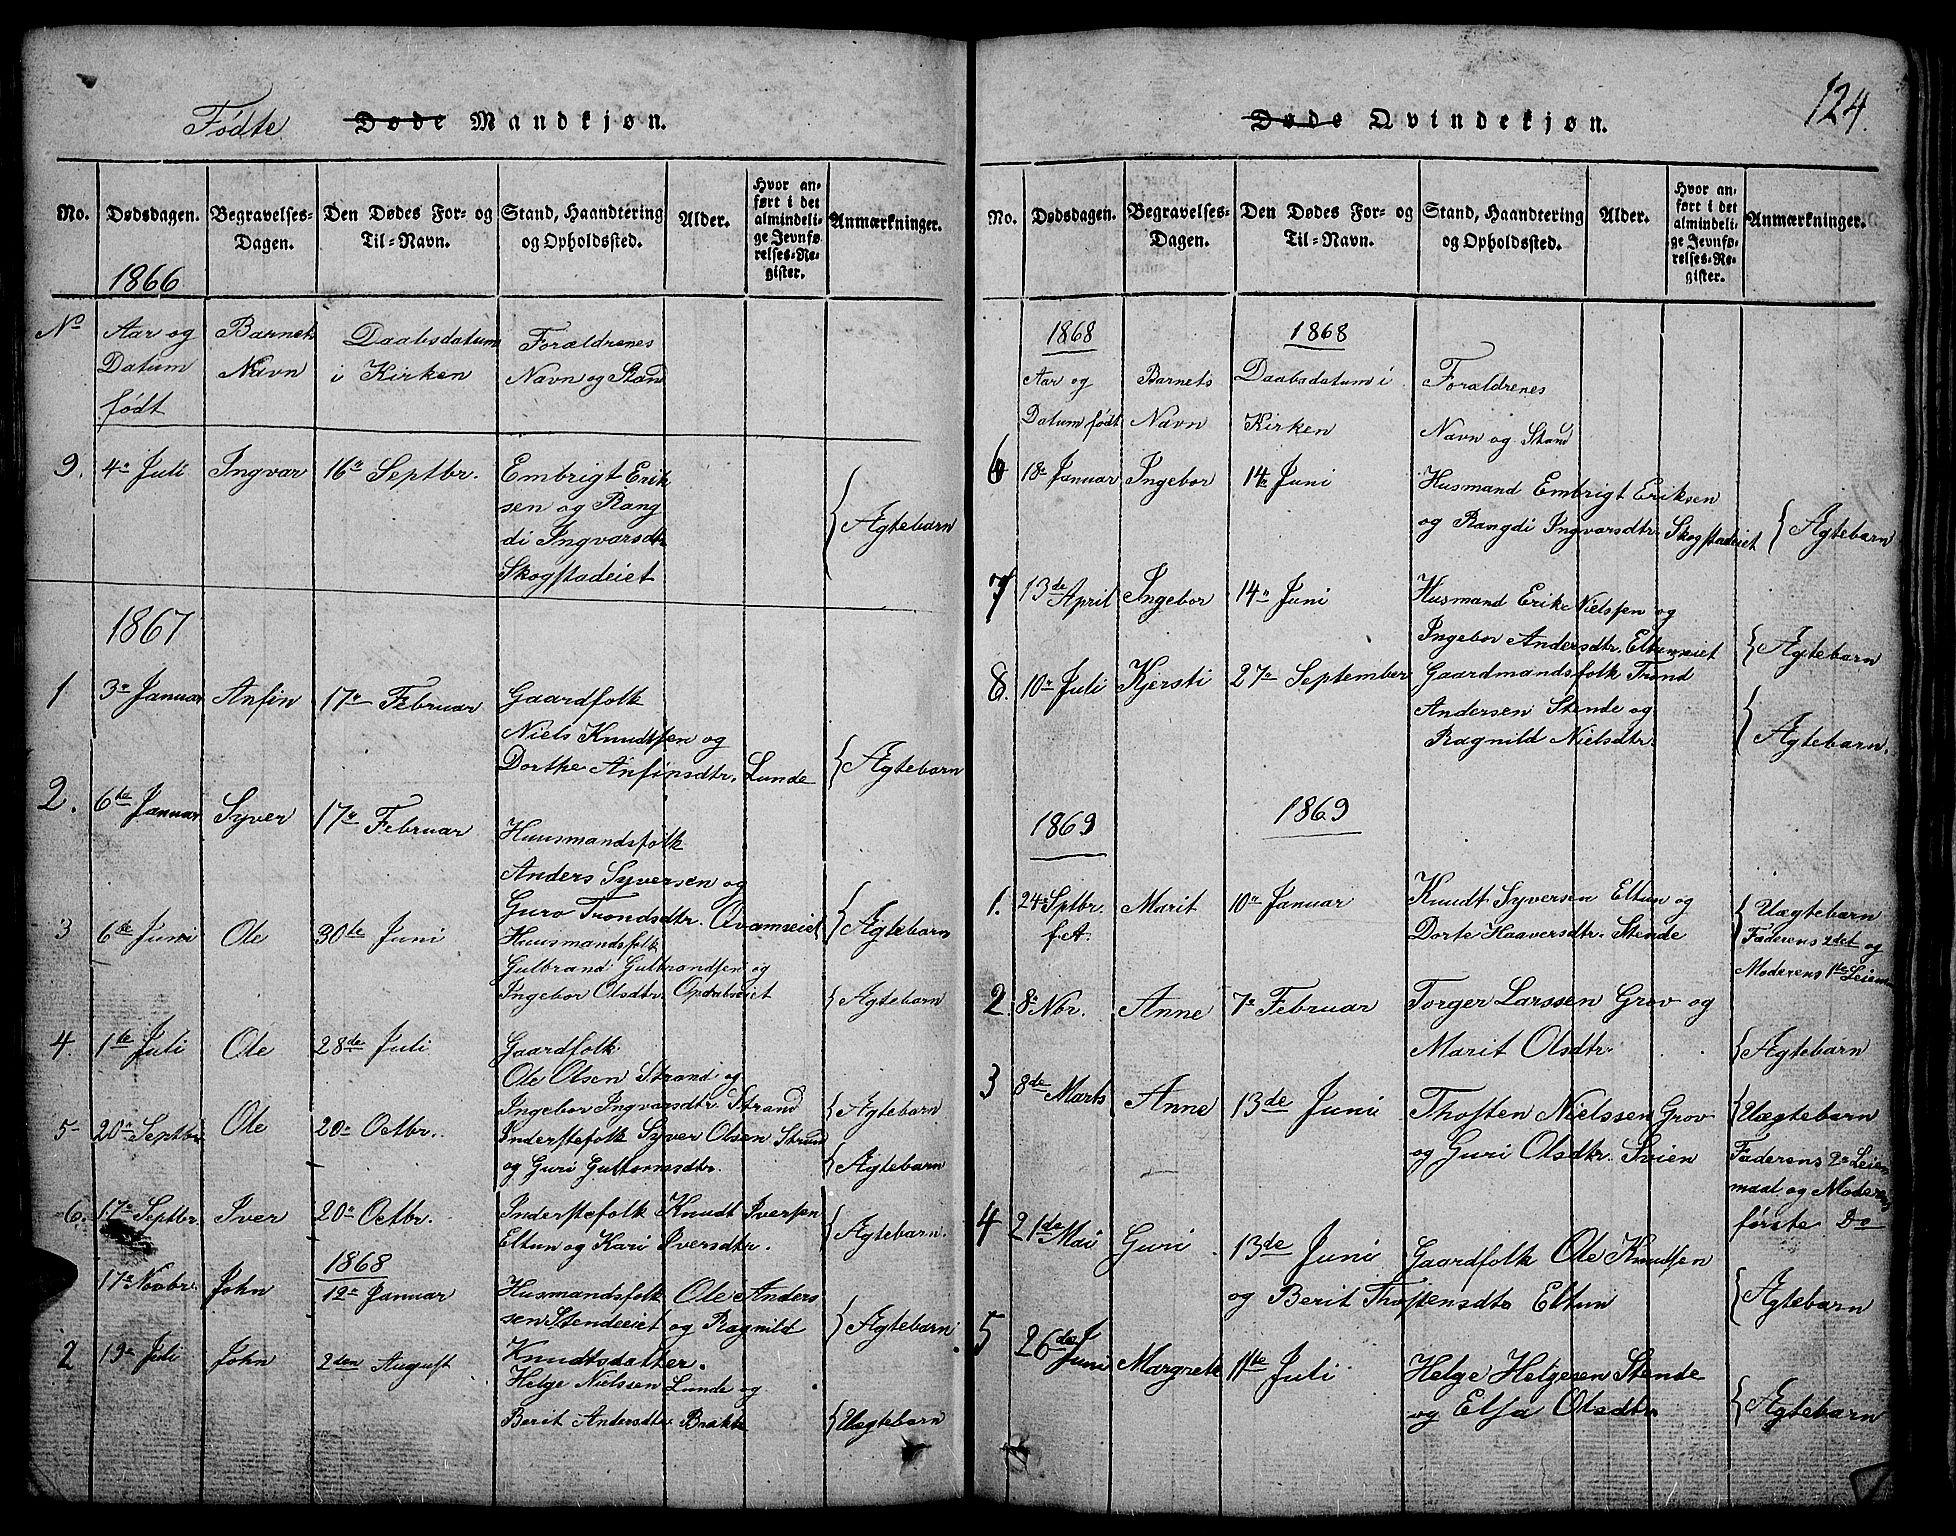 SAH, Vang prestekontor, Valdres, Klokkerbok nr. 2, 1814-1889, s. 124